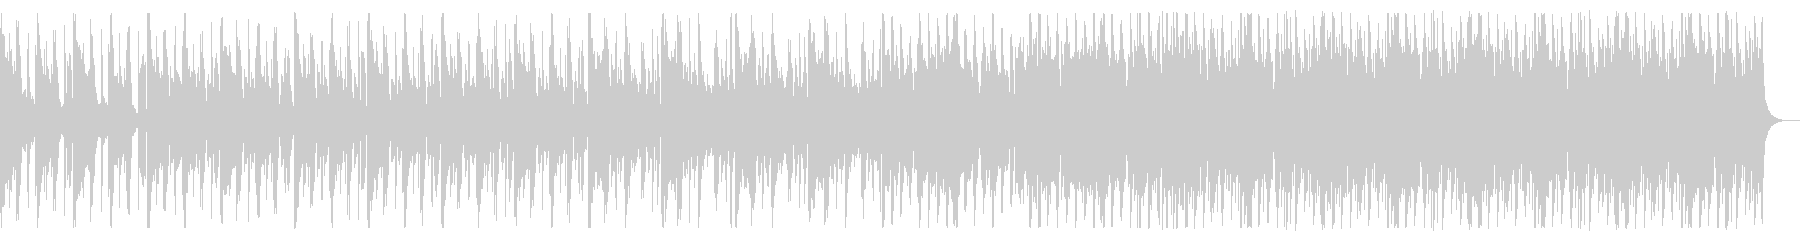 ドライブミュージック_No632_3の未再生の波形